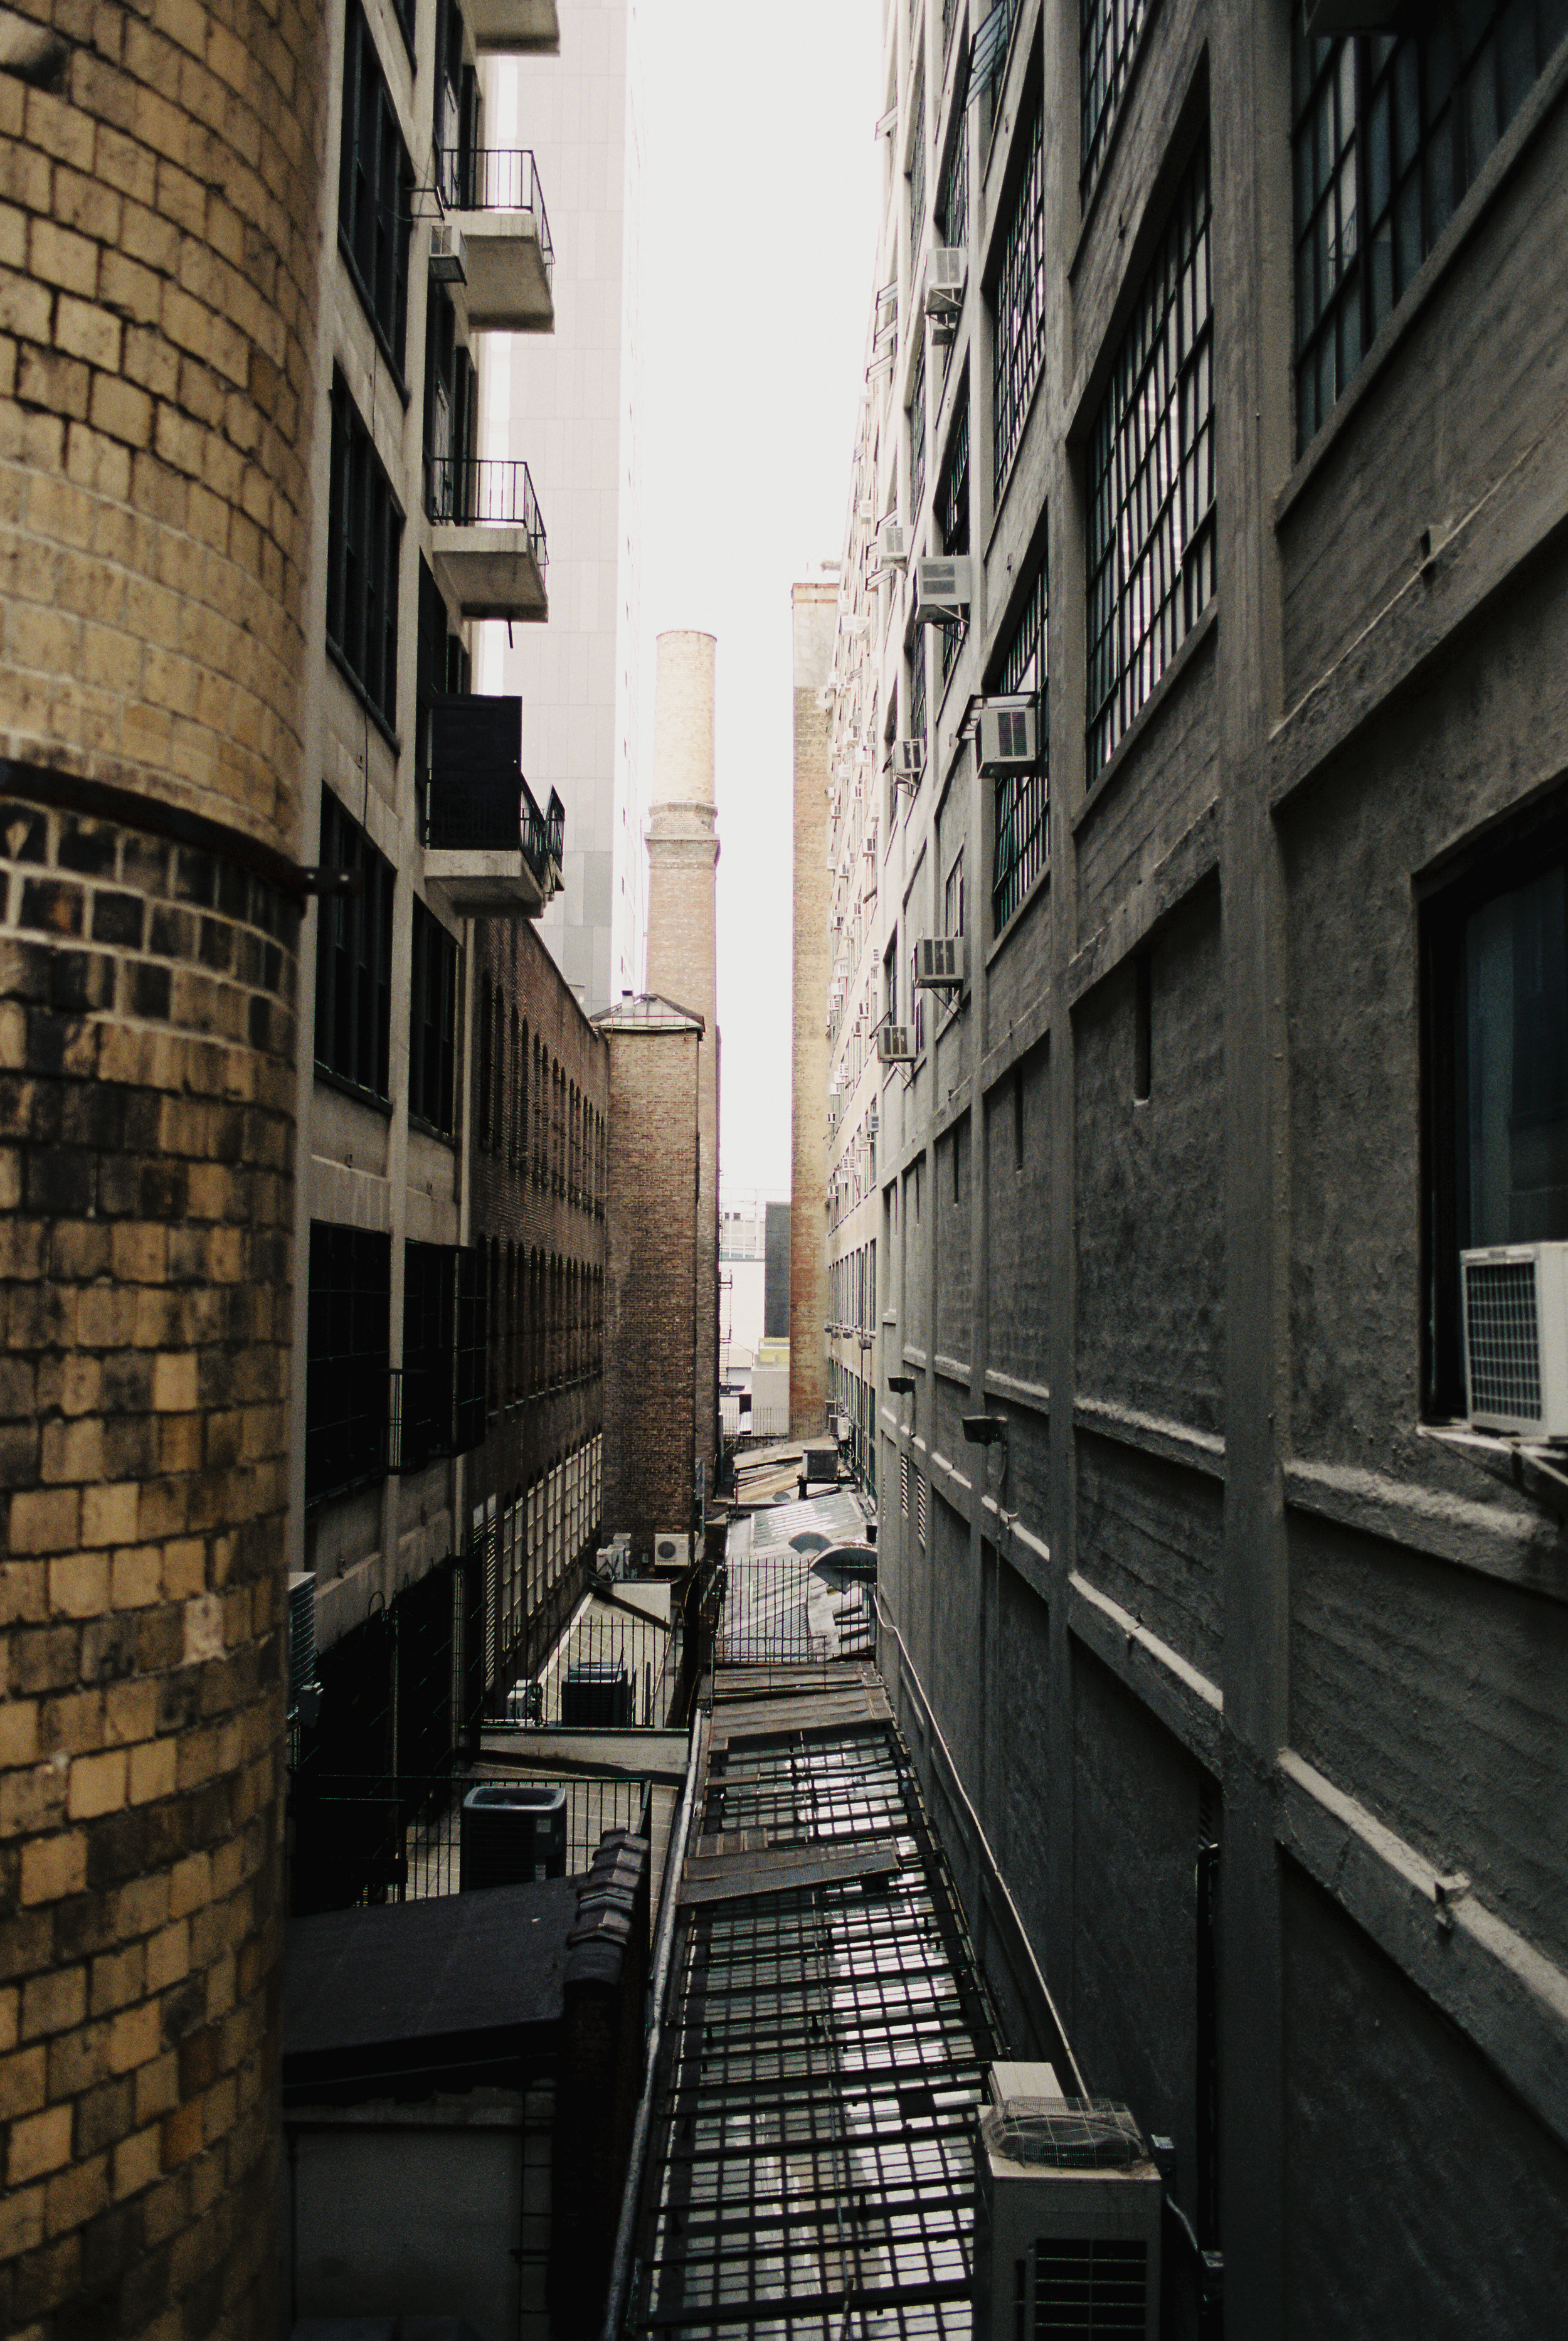 Alleyway in Manhattan, New York